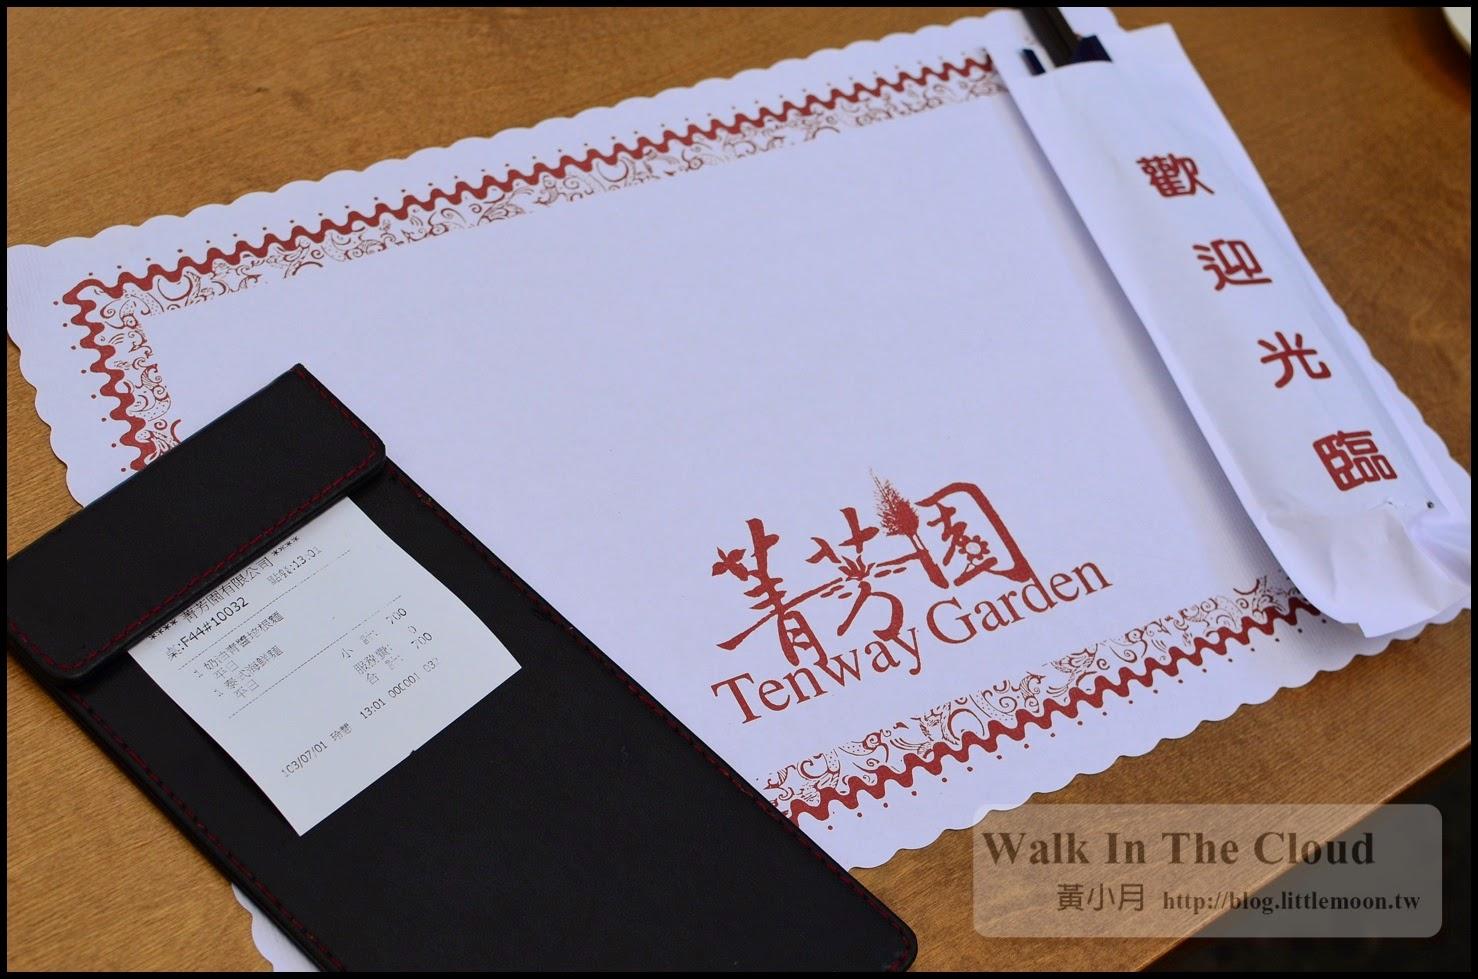 菁芳園賬單與桌布